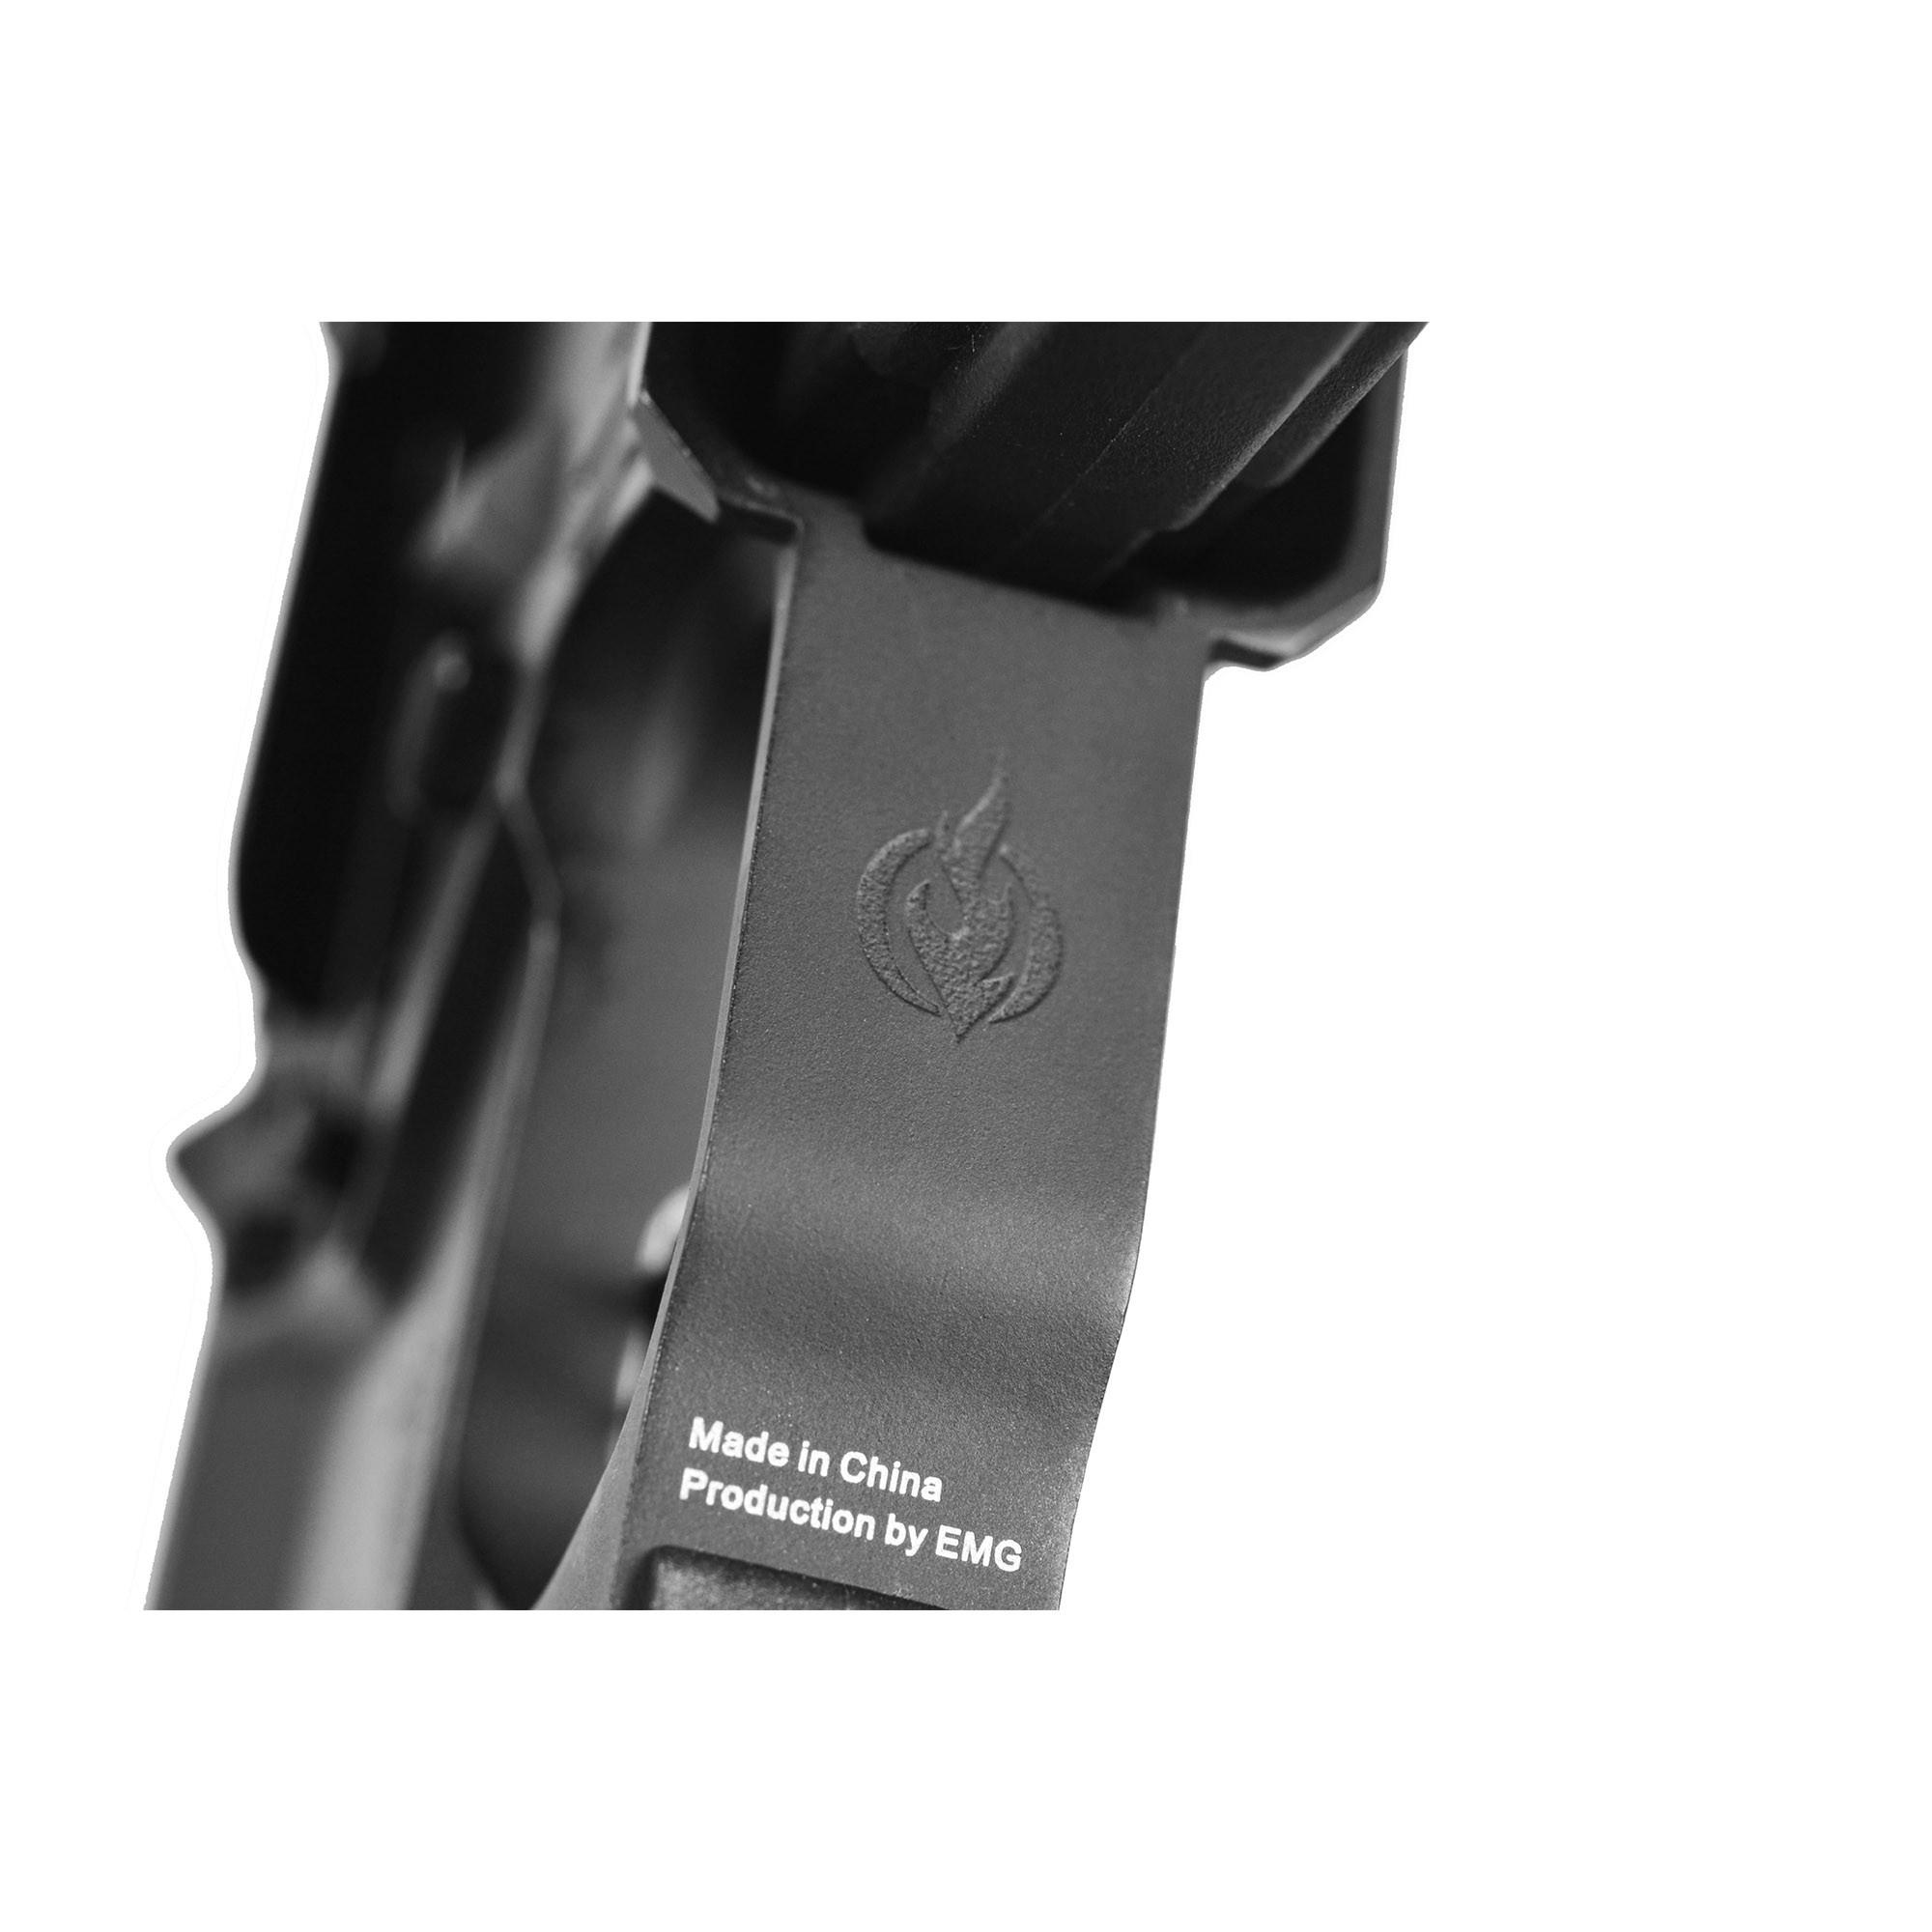 RIFLE DE AIRSOFT AEG M4 FALKOR DEFENSE RECCE 223 AMBI BLACK 14,5 eFD-R-B - EMG